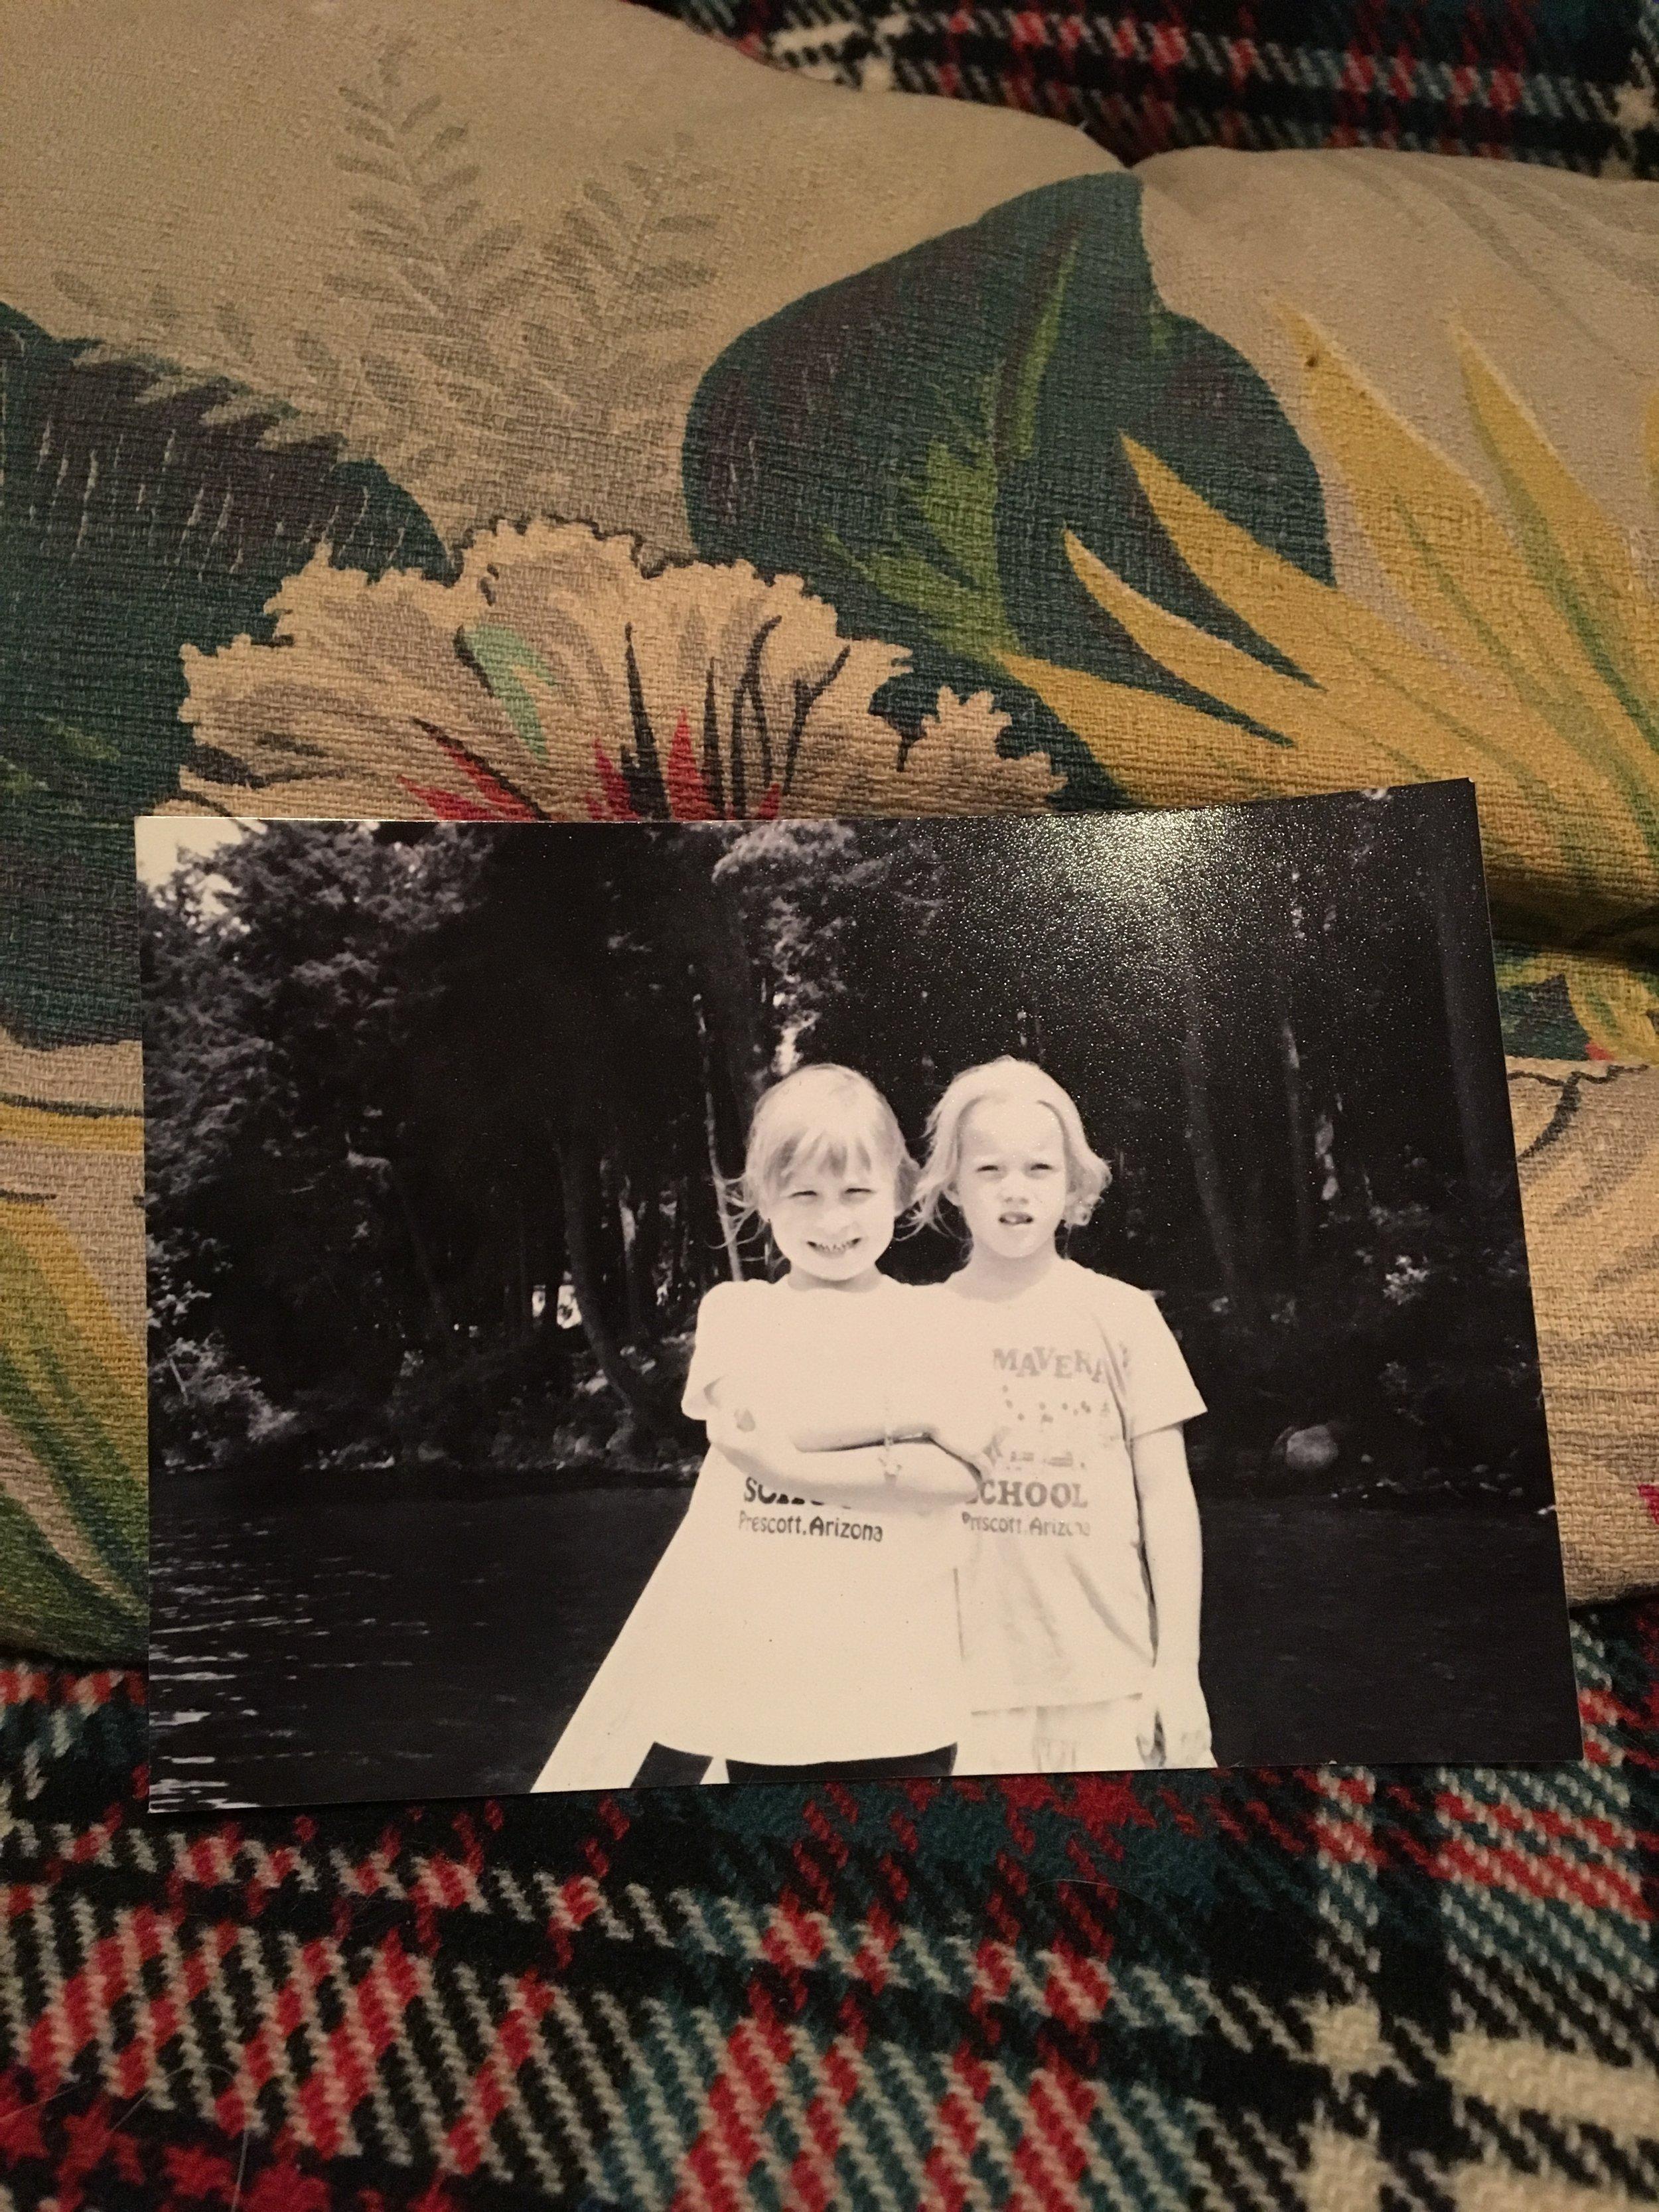 cousins, circa 1996